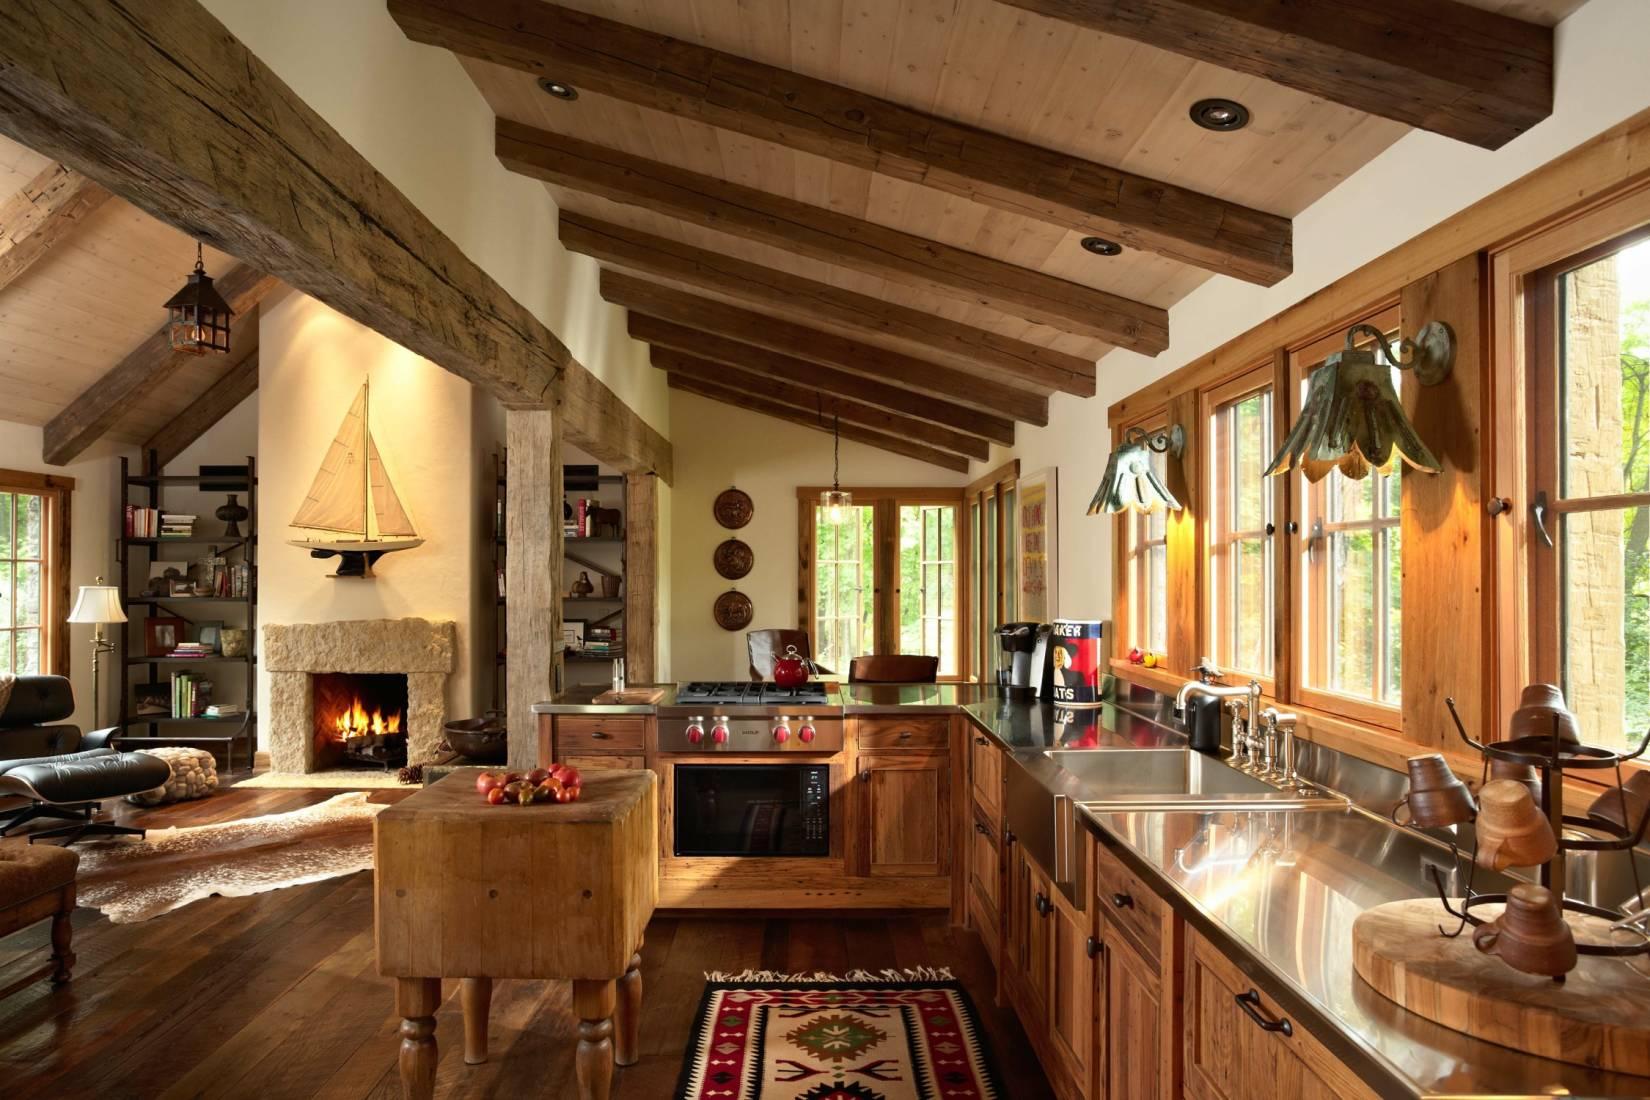 балки потолка на кухне в деревянном доме